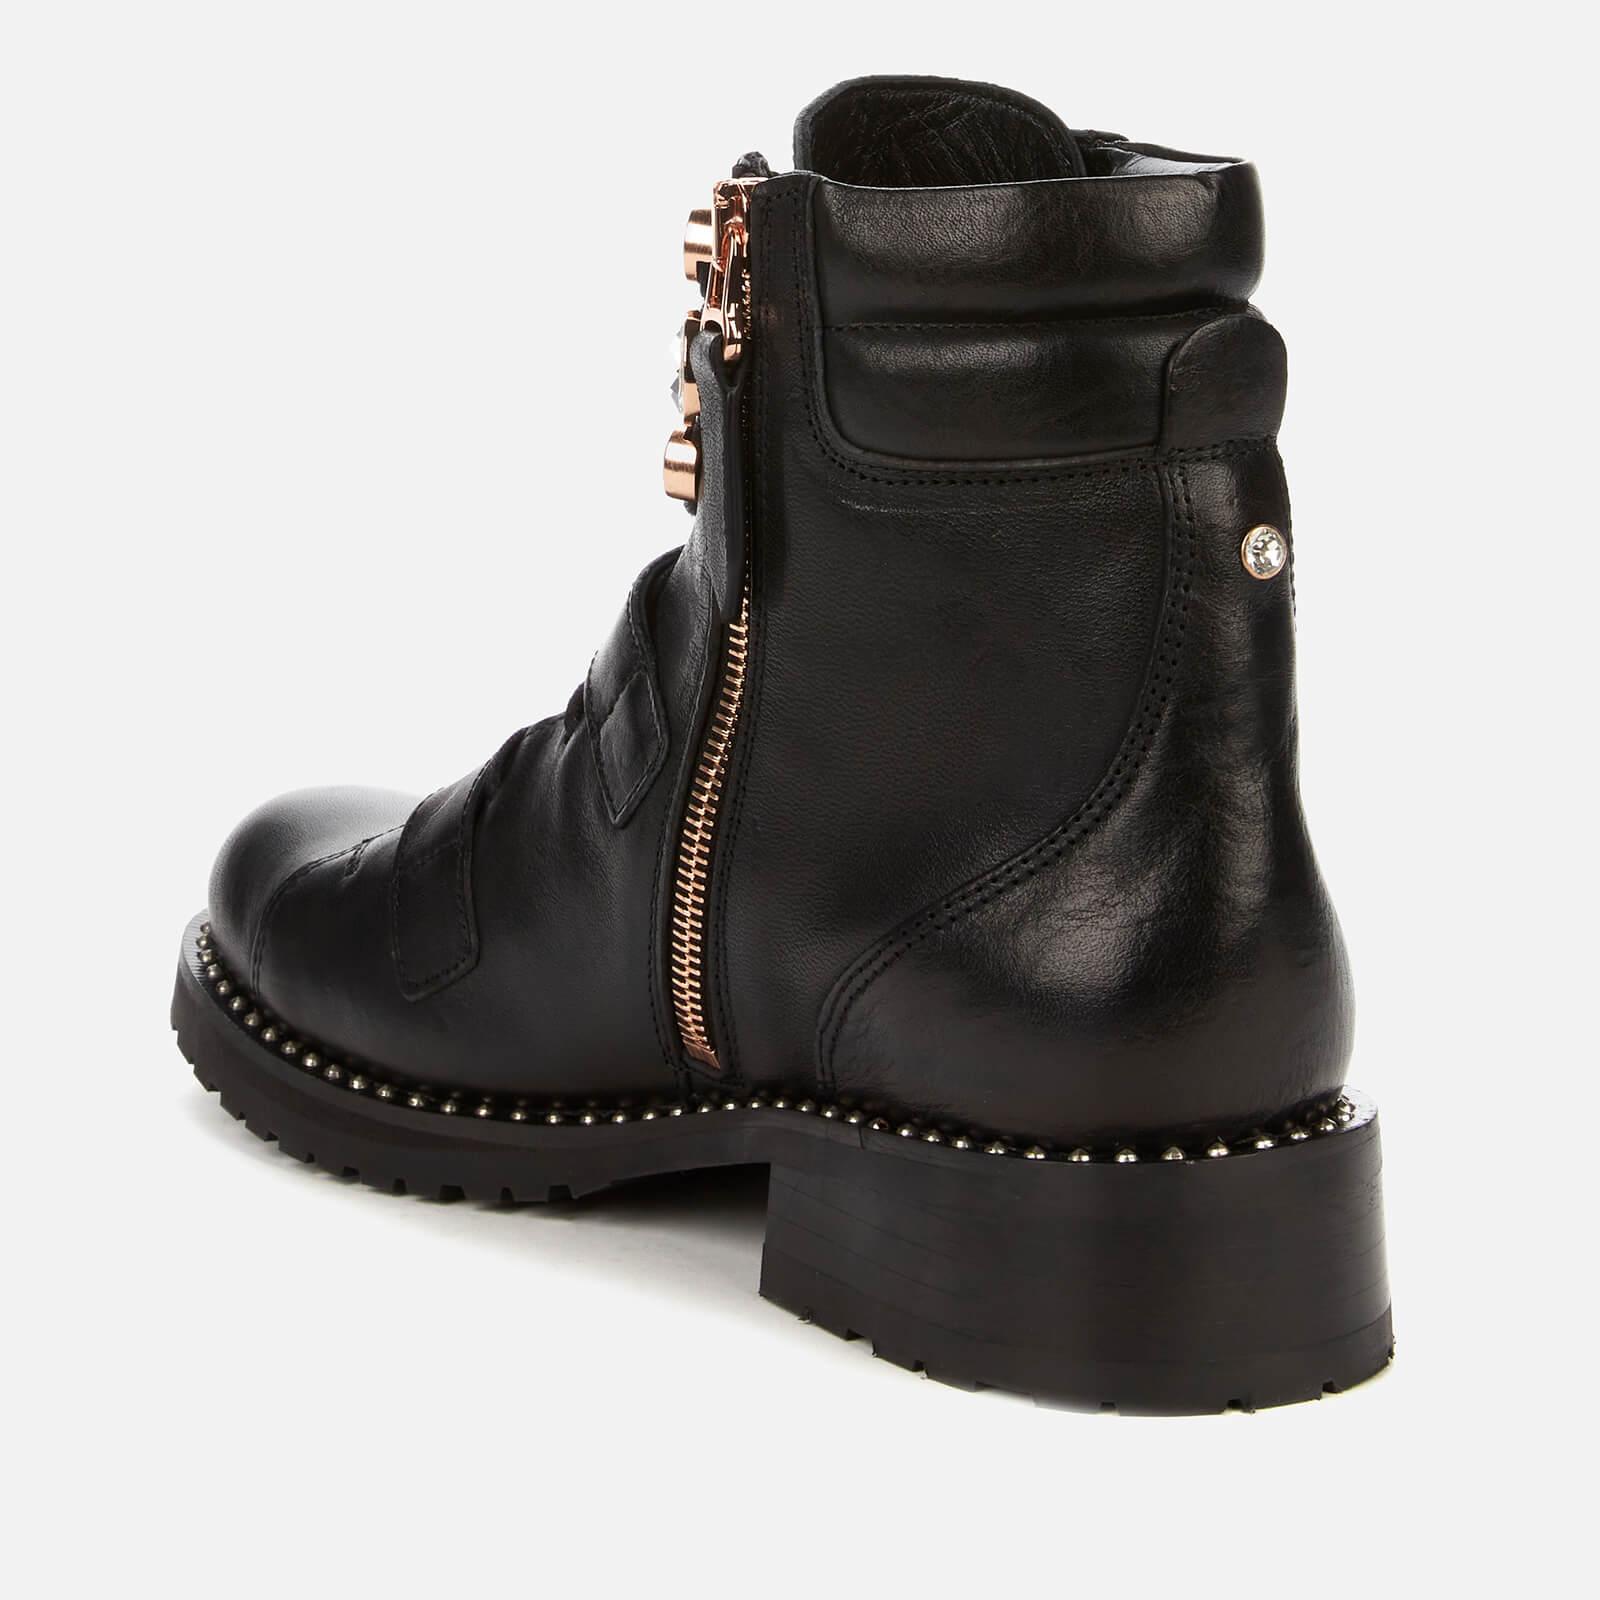 Sophia Webster Women's Ziggy Leather Biker Boots - Black - UK 7